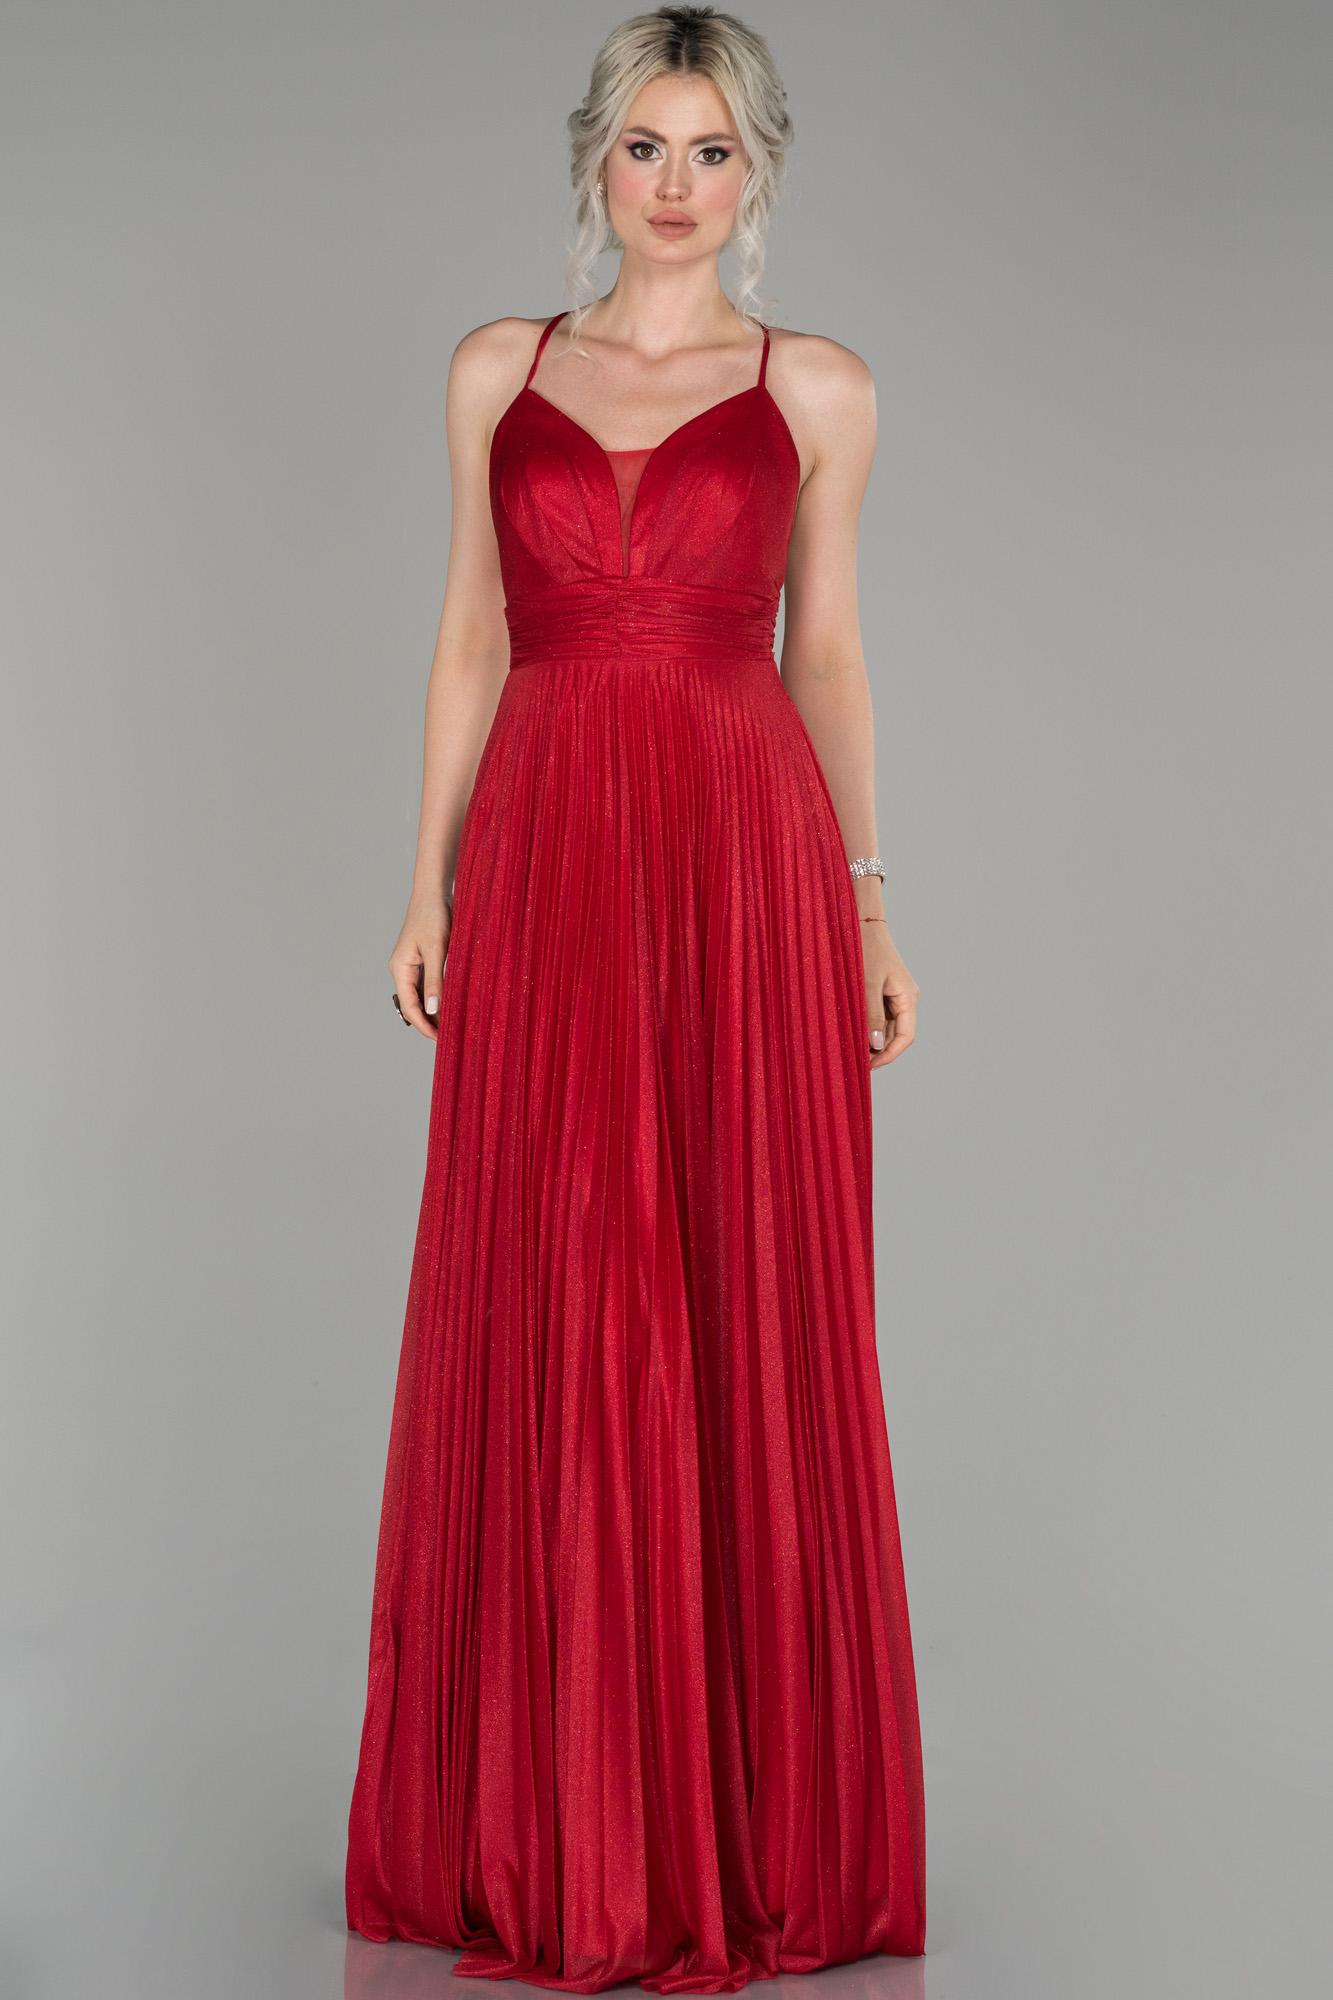 Kırmızı Uzun Ateş Pile Sim Kumaş Abiye Elbise